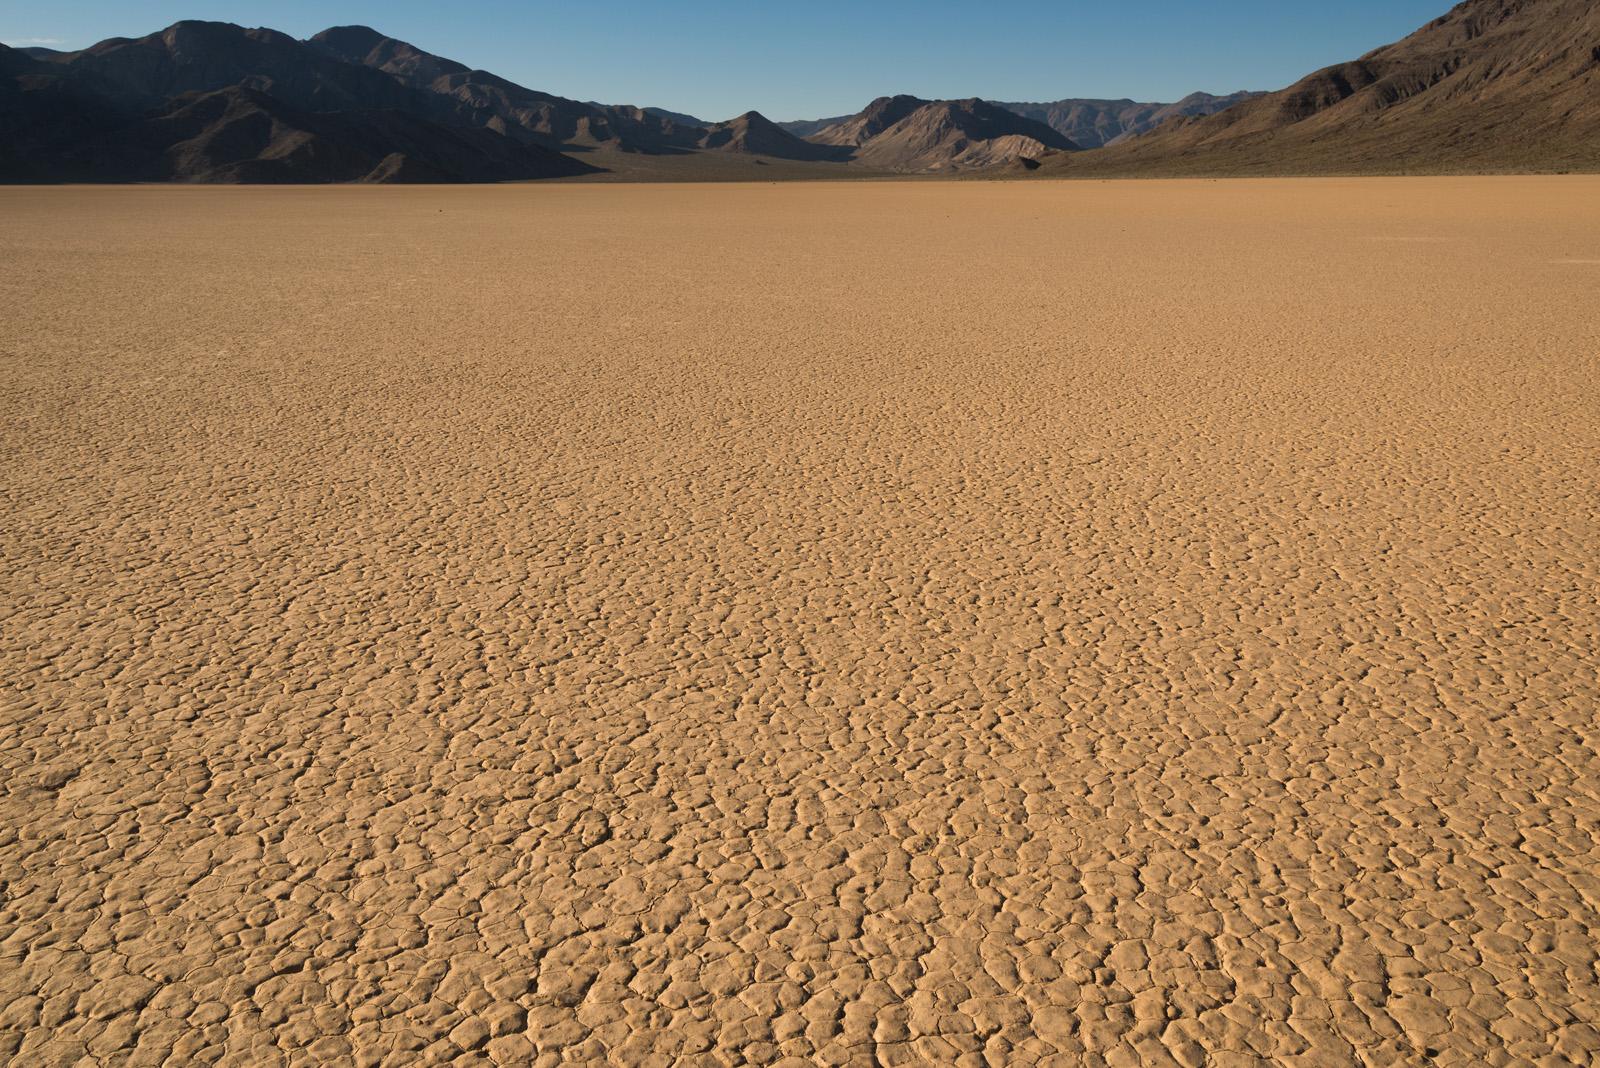 Sécheresse visible au sol dans l'Ouest américain